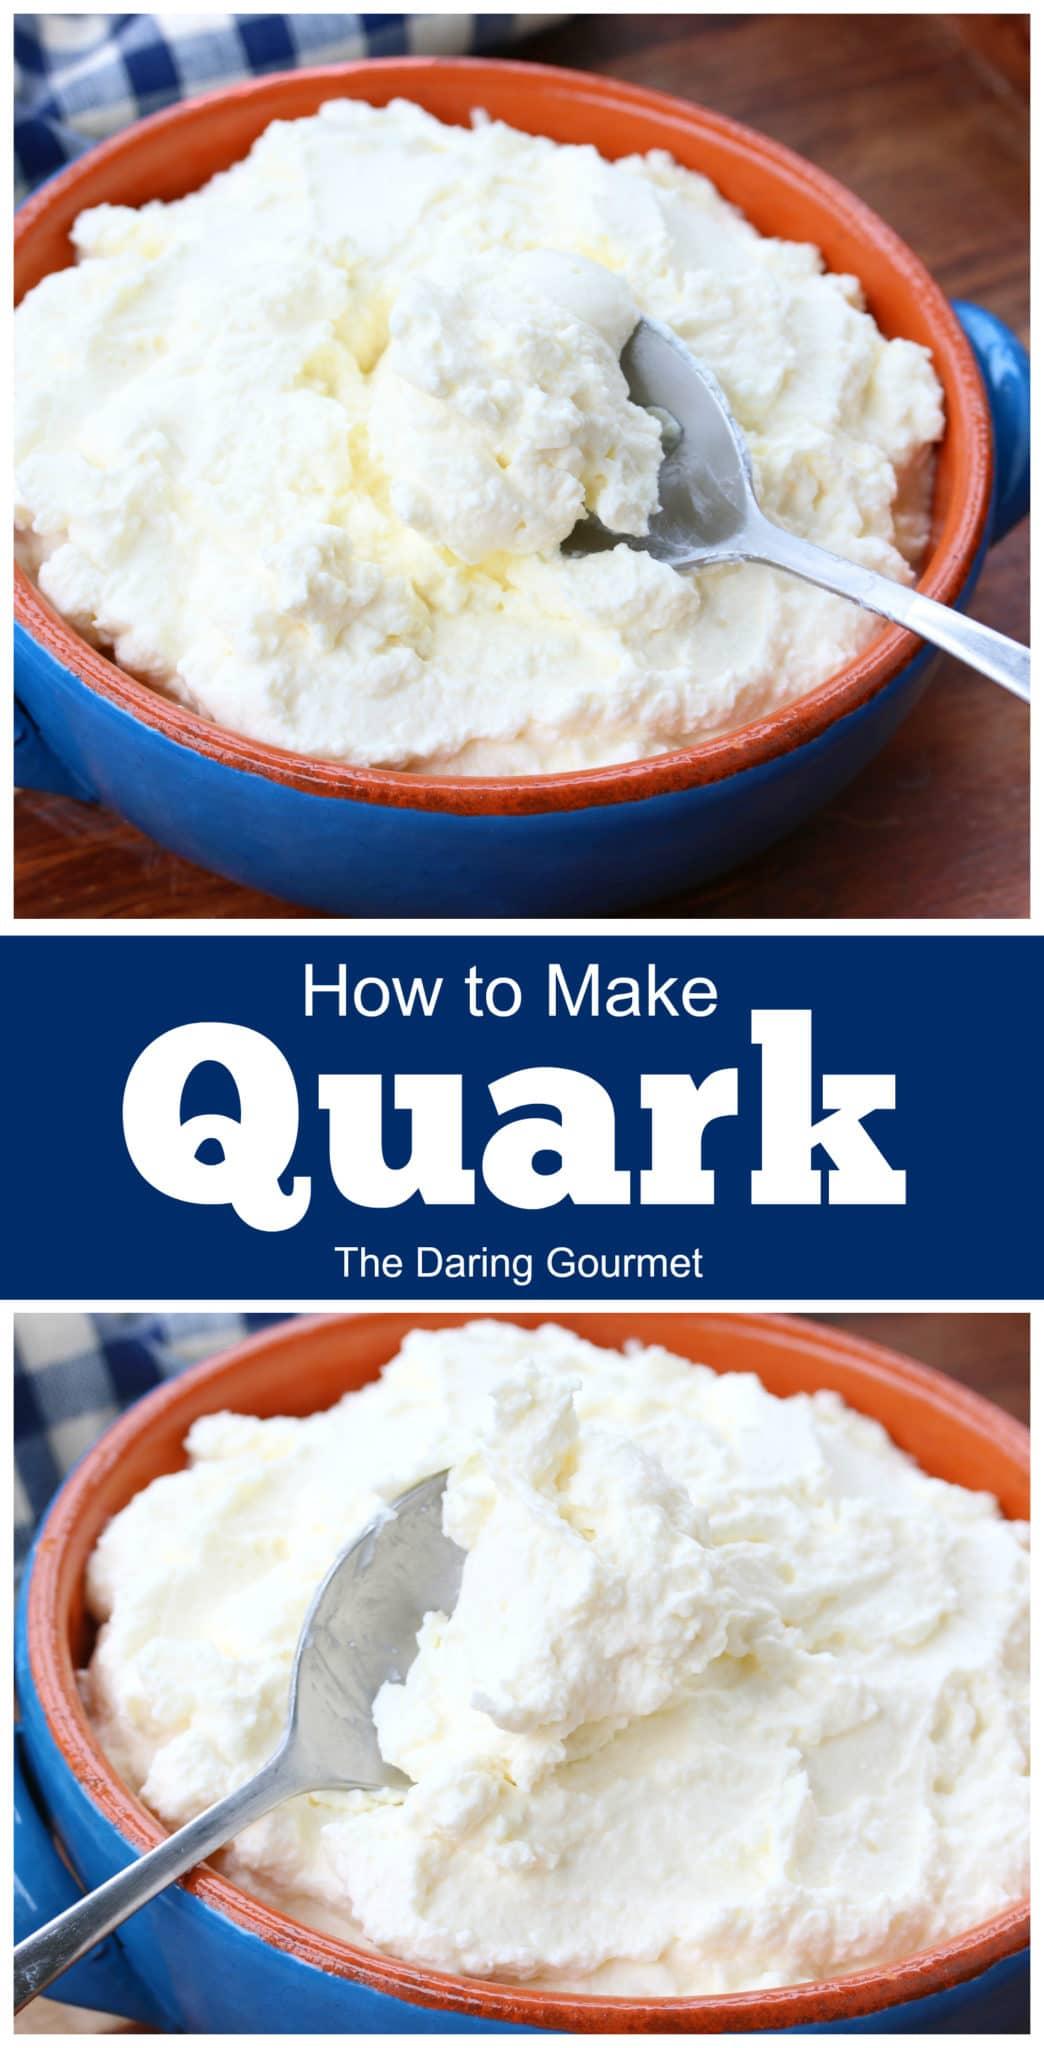 how to make quark homemade recipe